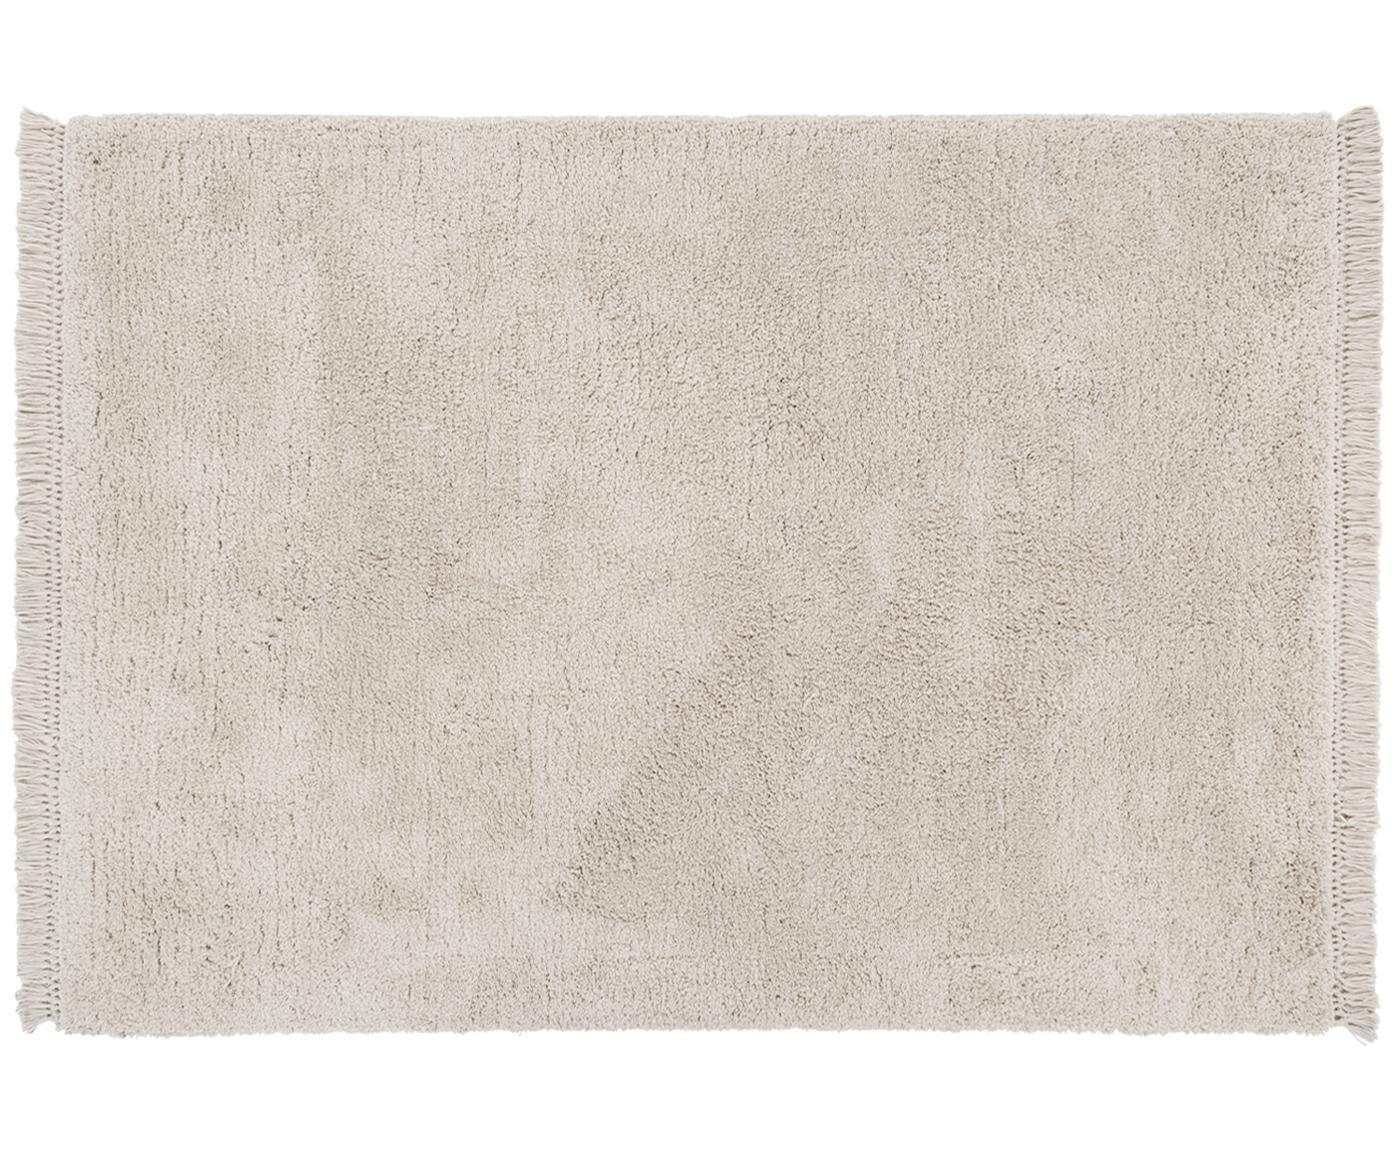 Tappeto a pelo lungo taftato a mano Dreamy, Retro: 100% cotone, Crema, Larg. 120 x Lung. 180 cm (taglia S)